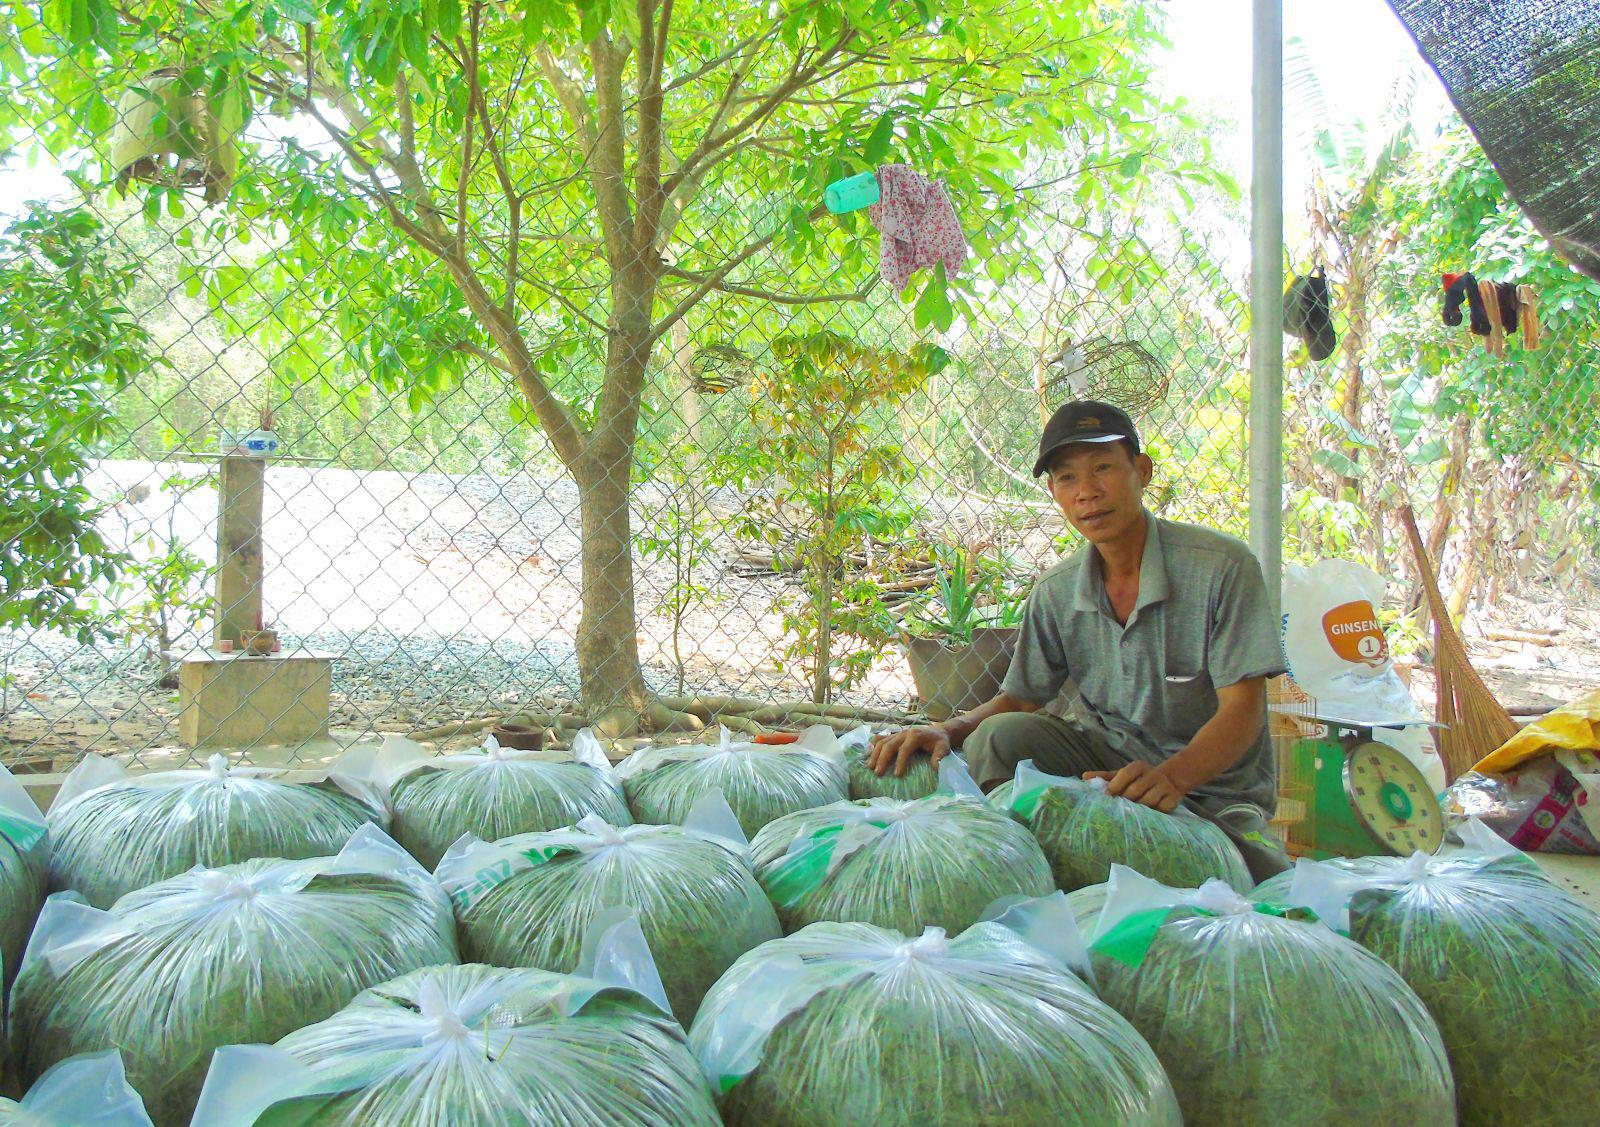 Long An: Trồng thứ rau ăn mát, cắt lá bán 1 ngày đúi túi 1 triệu, gom hạt đem bán mỗi ký giá 2,5 triệu - Ảnh 1.